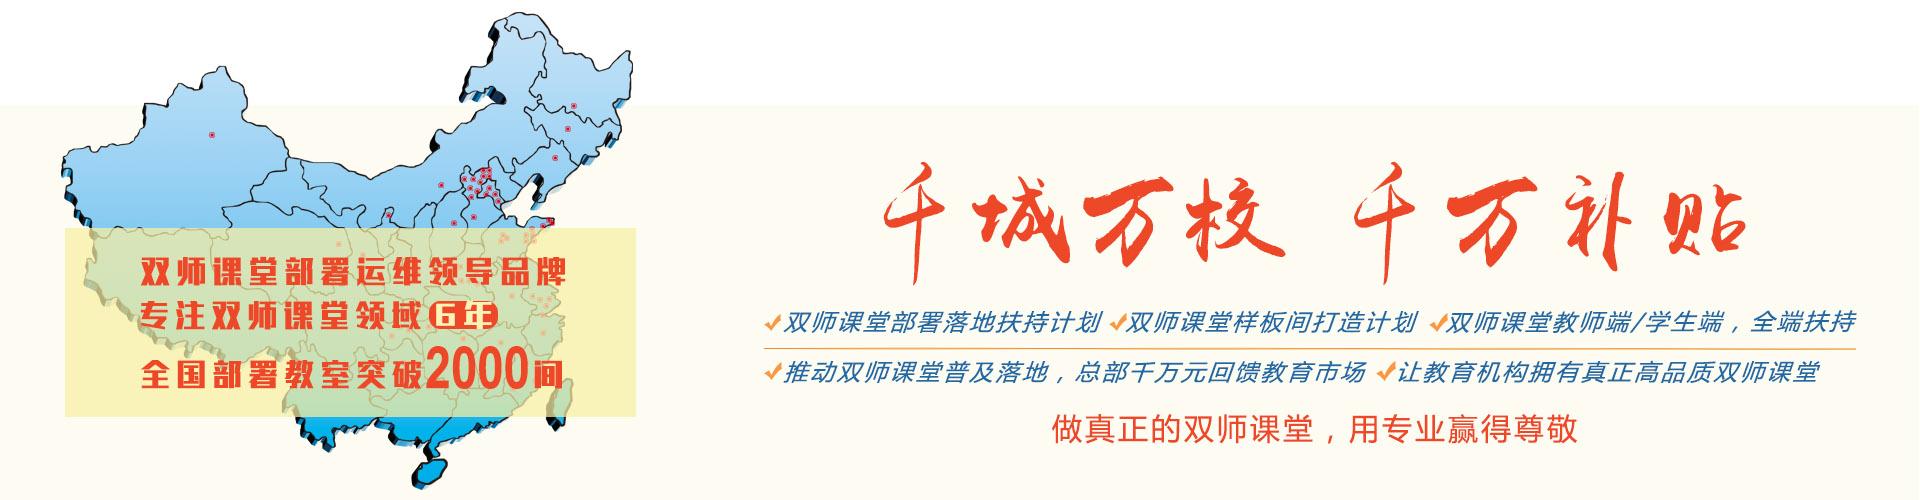 """东博视讯""""千城万校""""计划.jpg"""